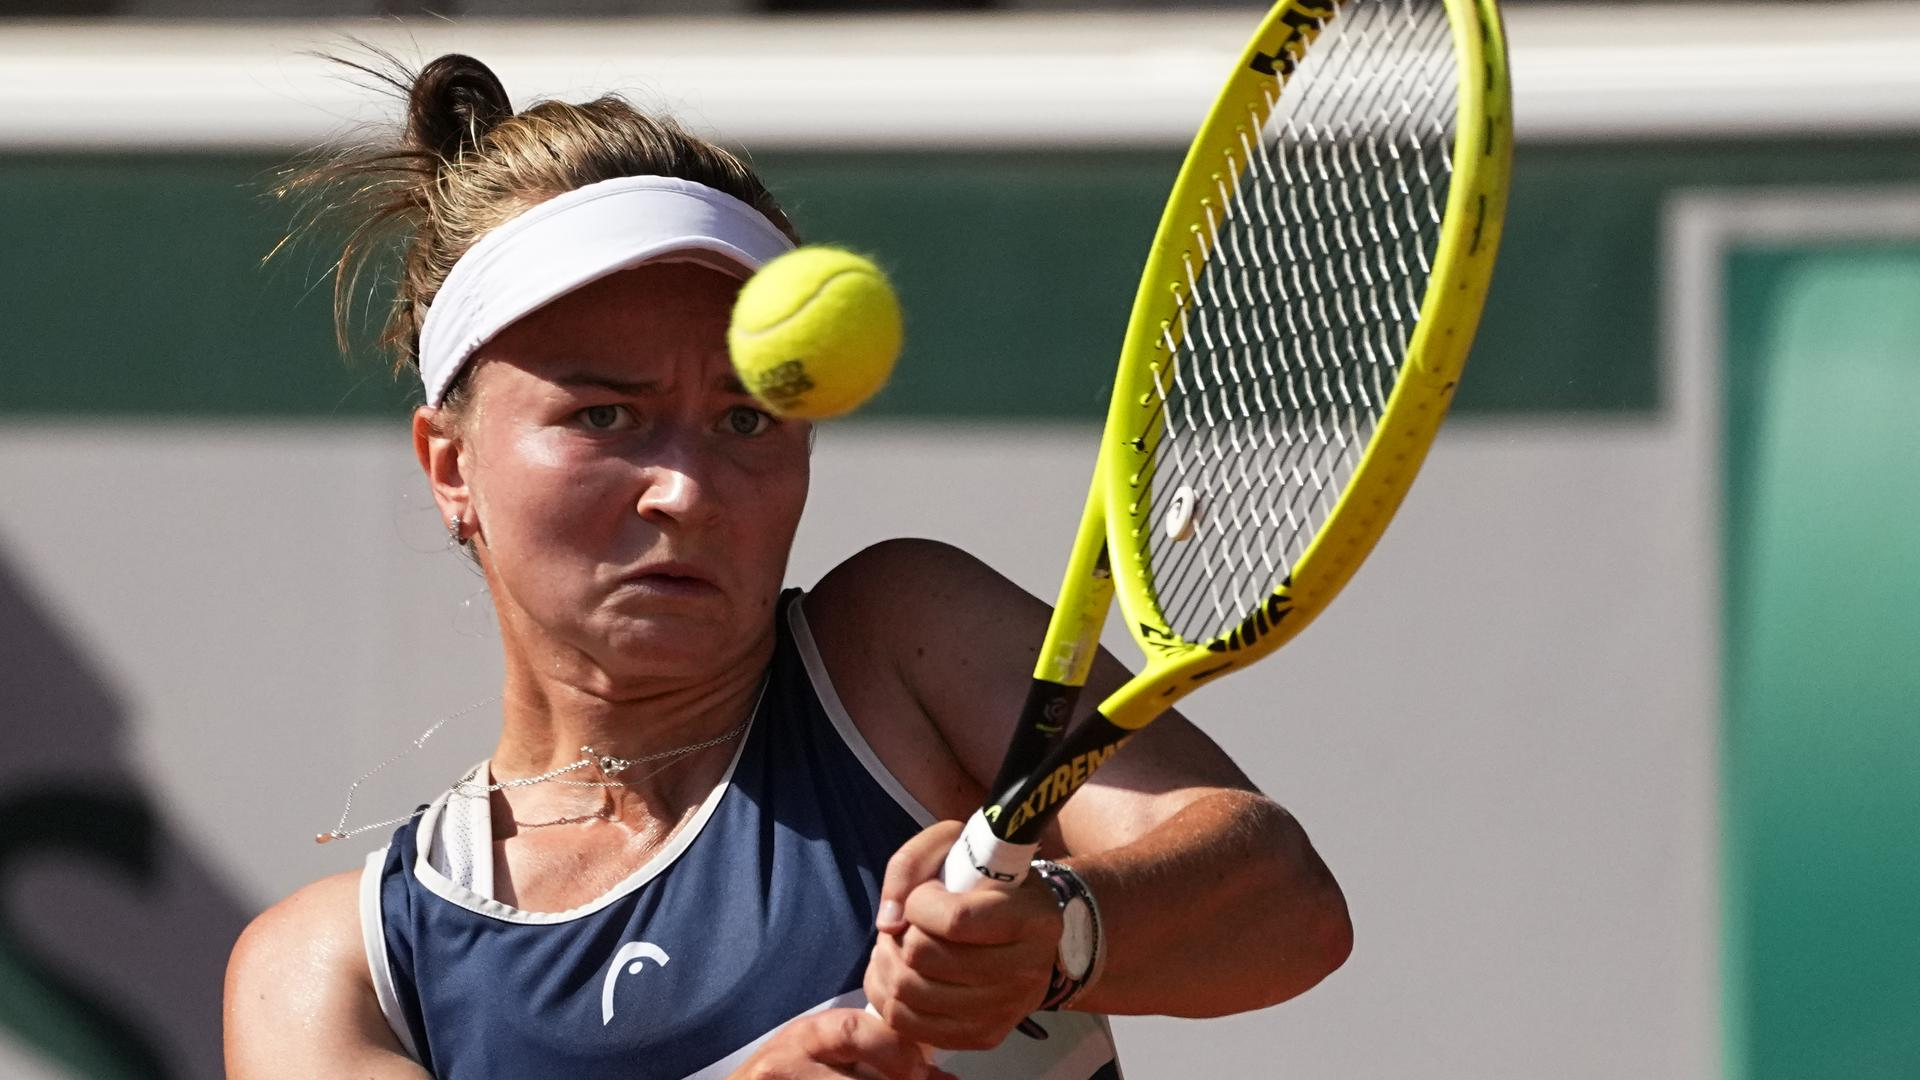 Vor Grand-Slam-Sieg: Barbora Krejcikova schlug im Sommer 2019 bei den Liqui Moly Open in Karlsruhe auf und verlor in der ersten Runde.